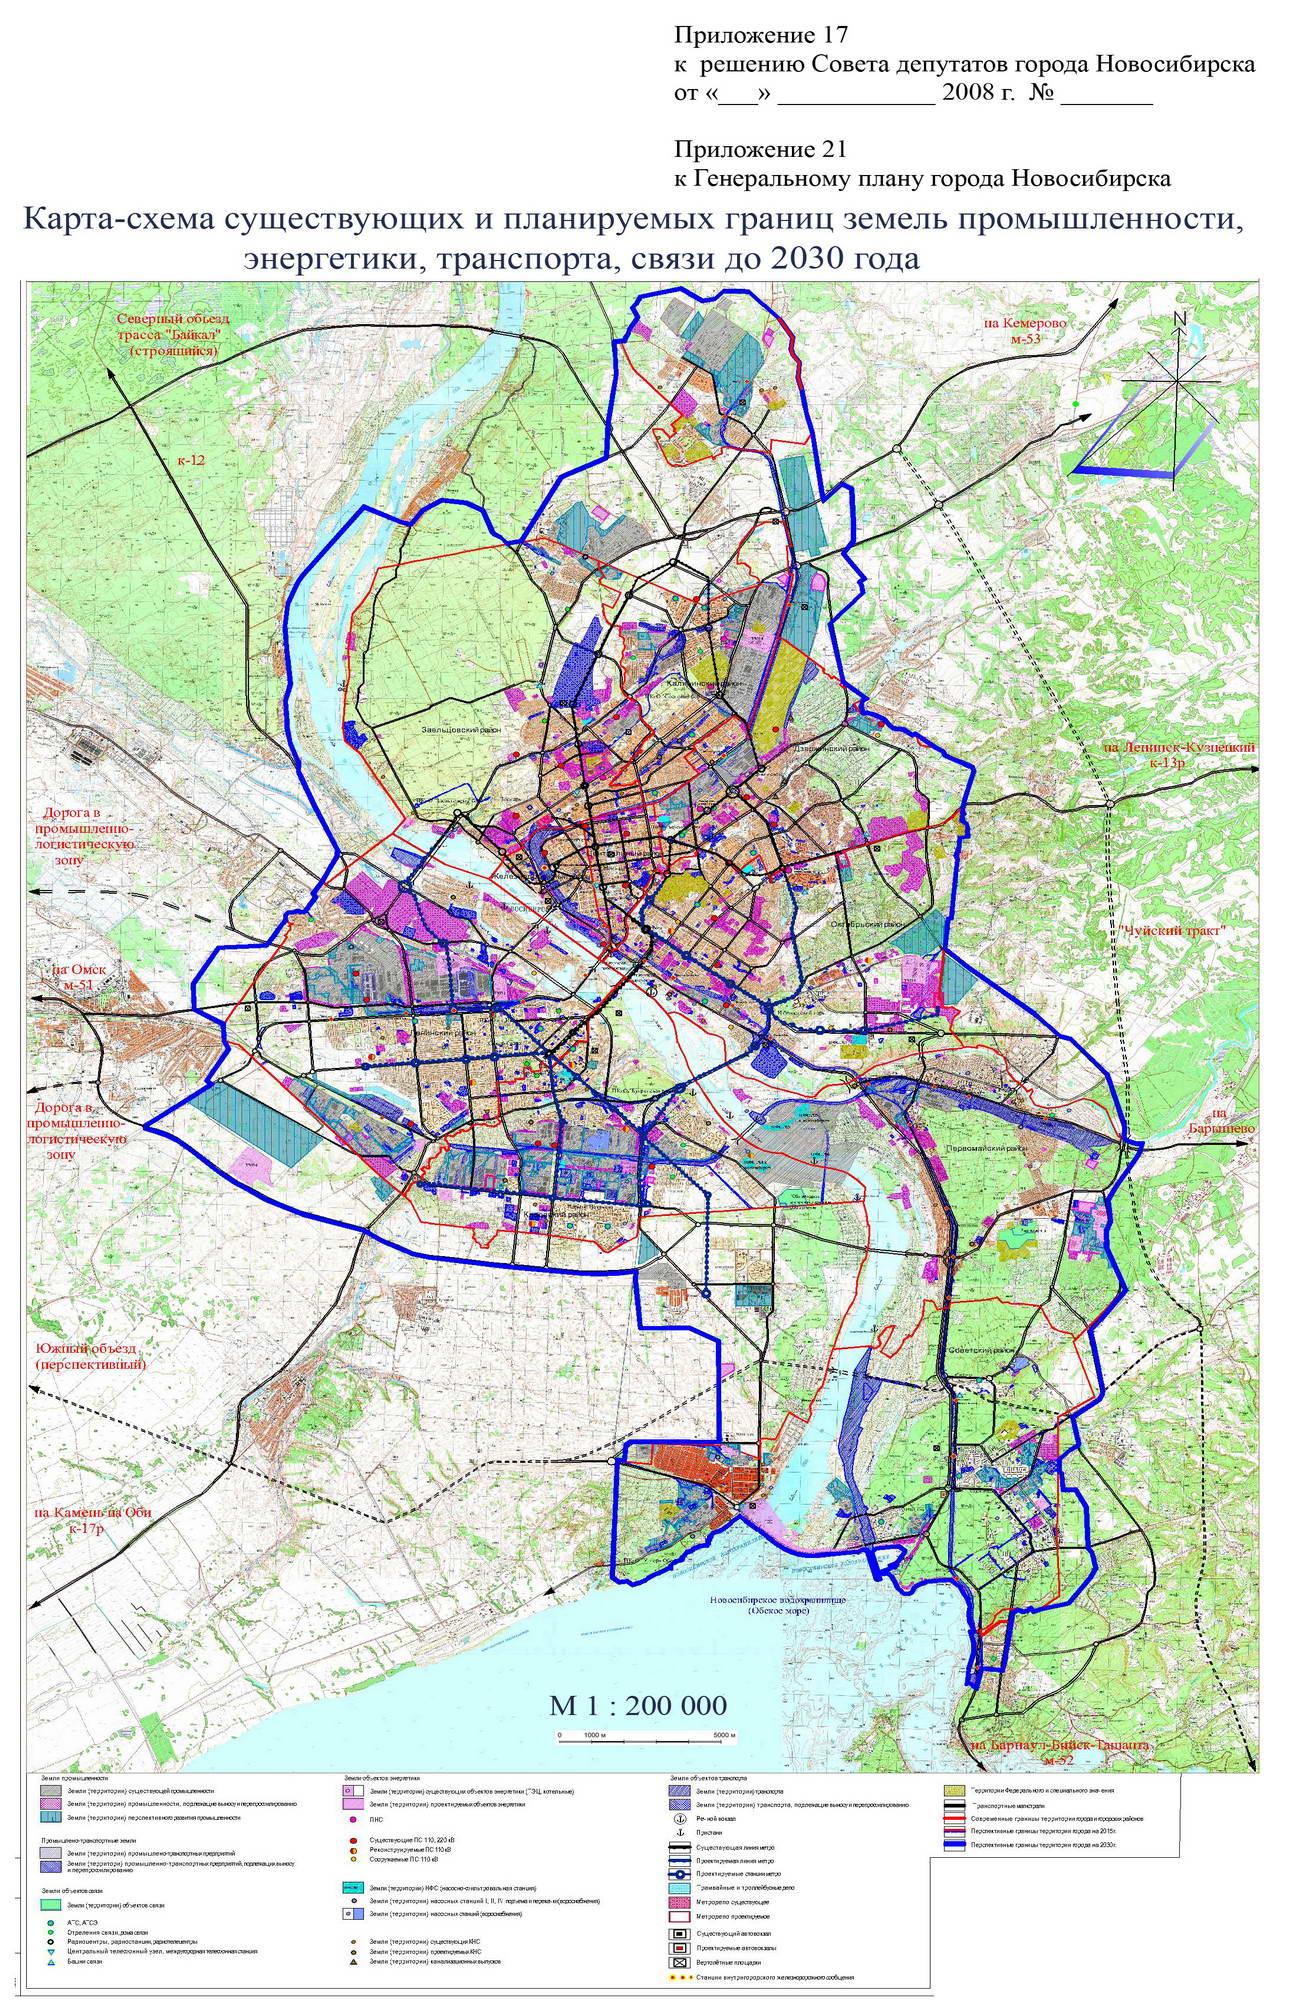 ...Карта-схема существующих и планируемых границ земель промышленности, энергетики, транспорта, связи до 2030 года.